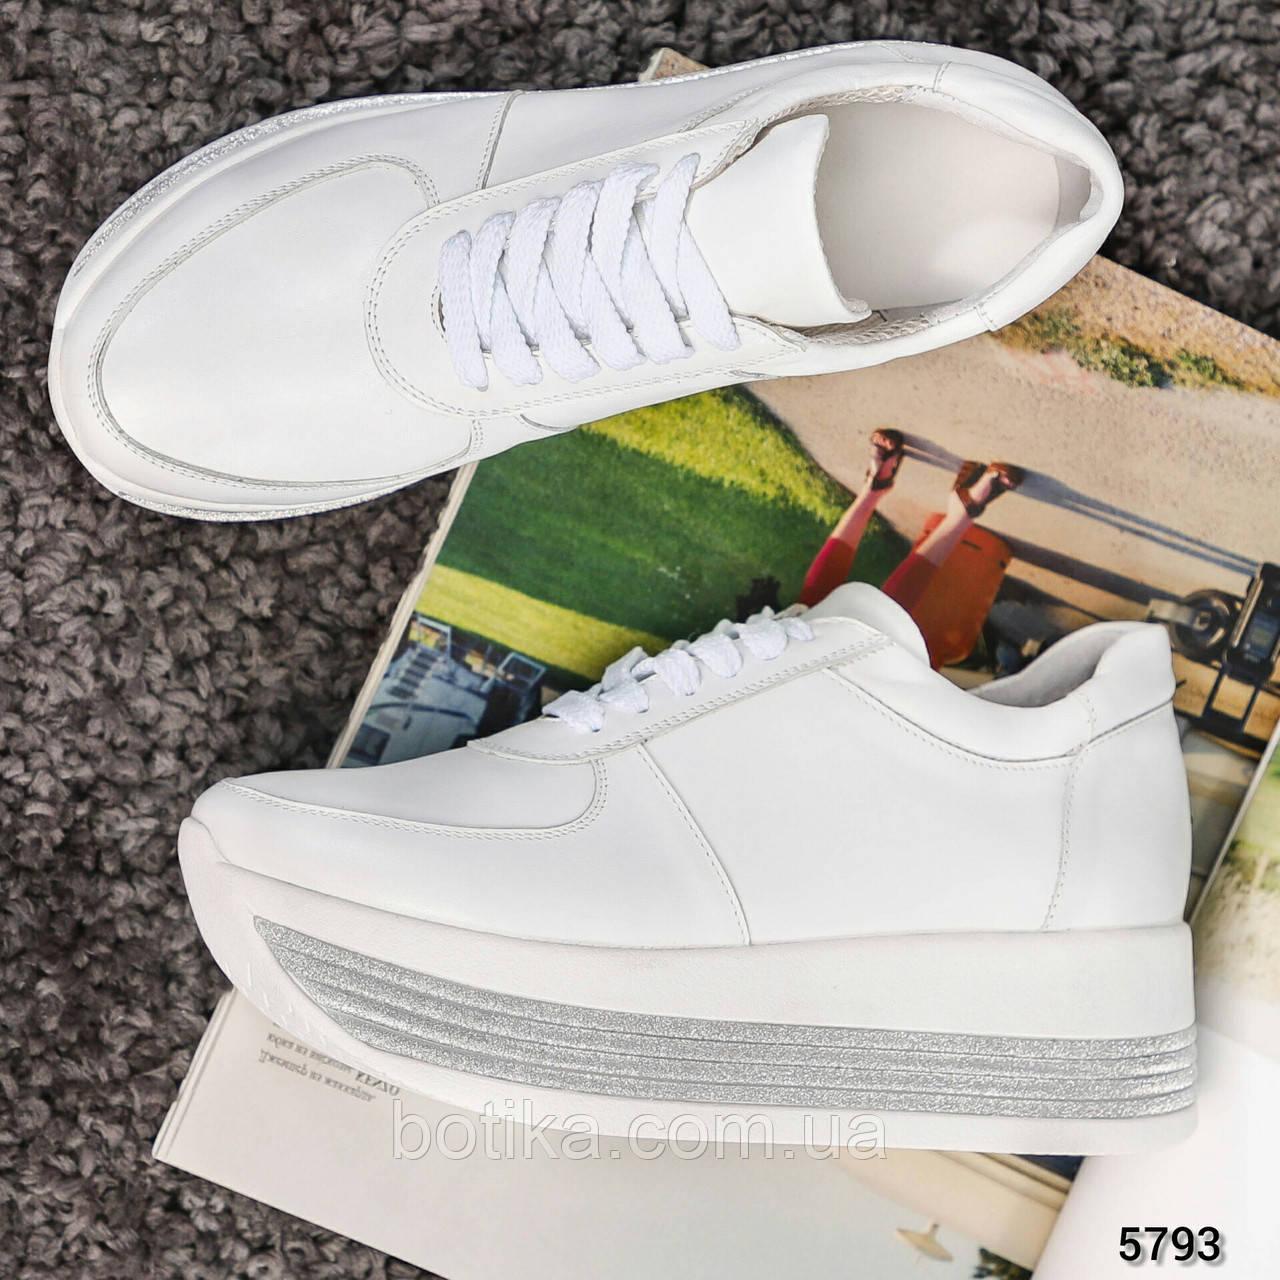 Стильные белые кроссовки женские на декорированной подошве